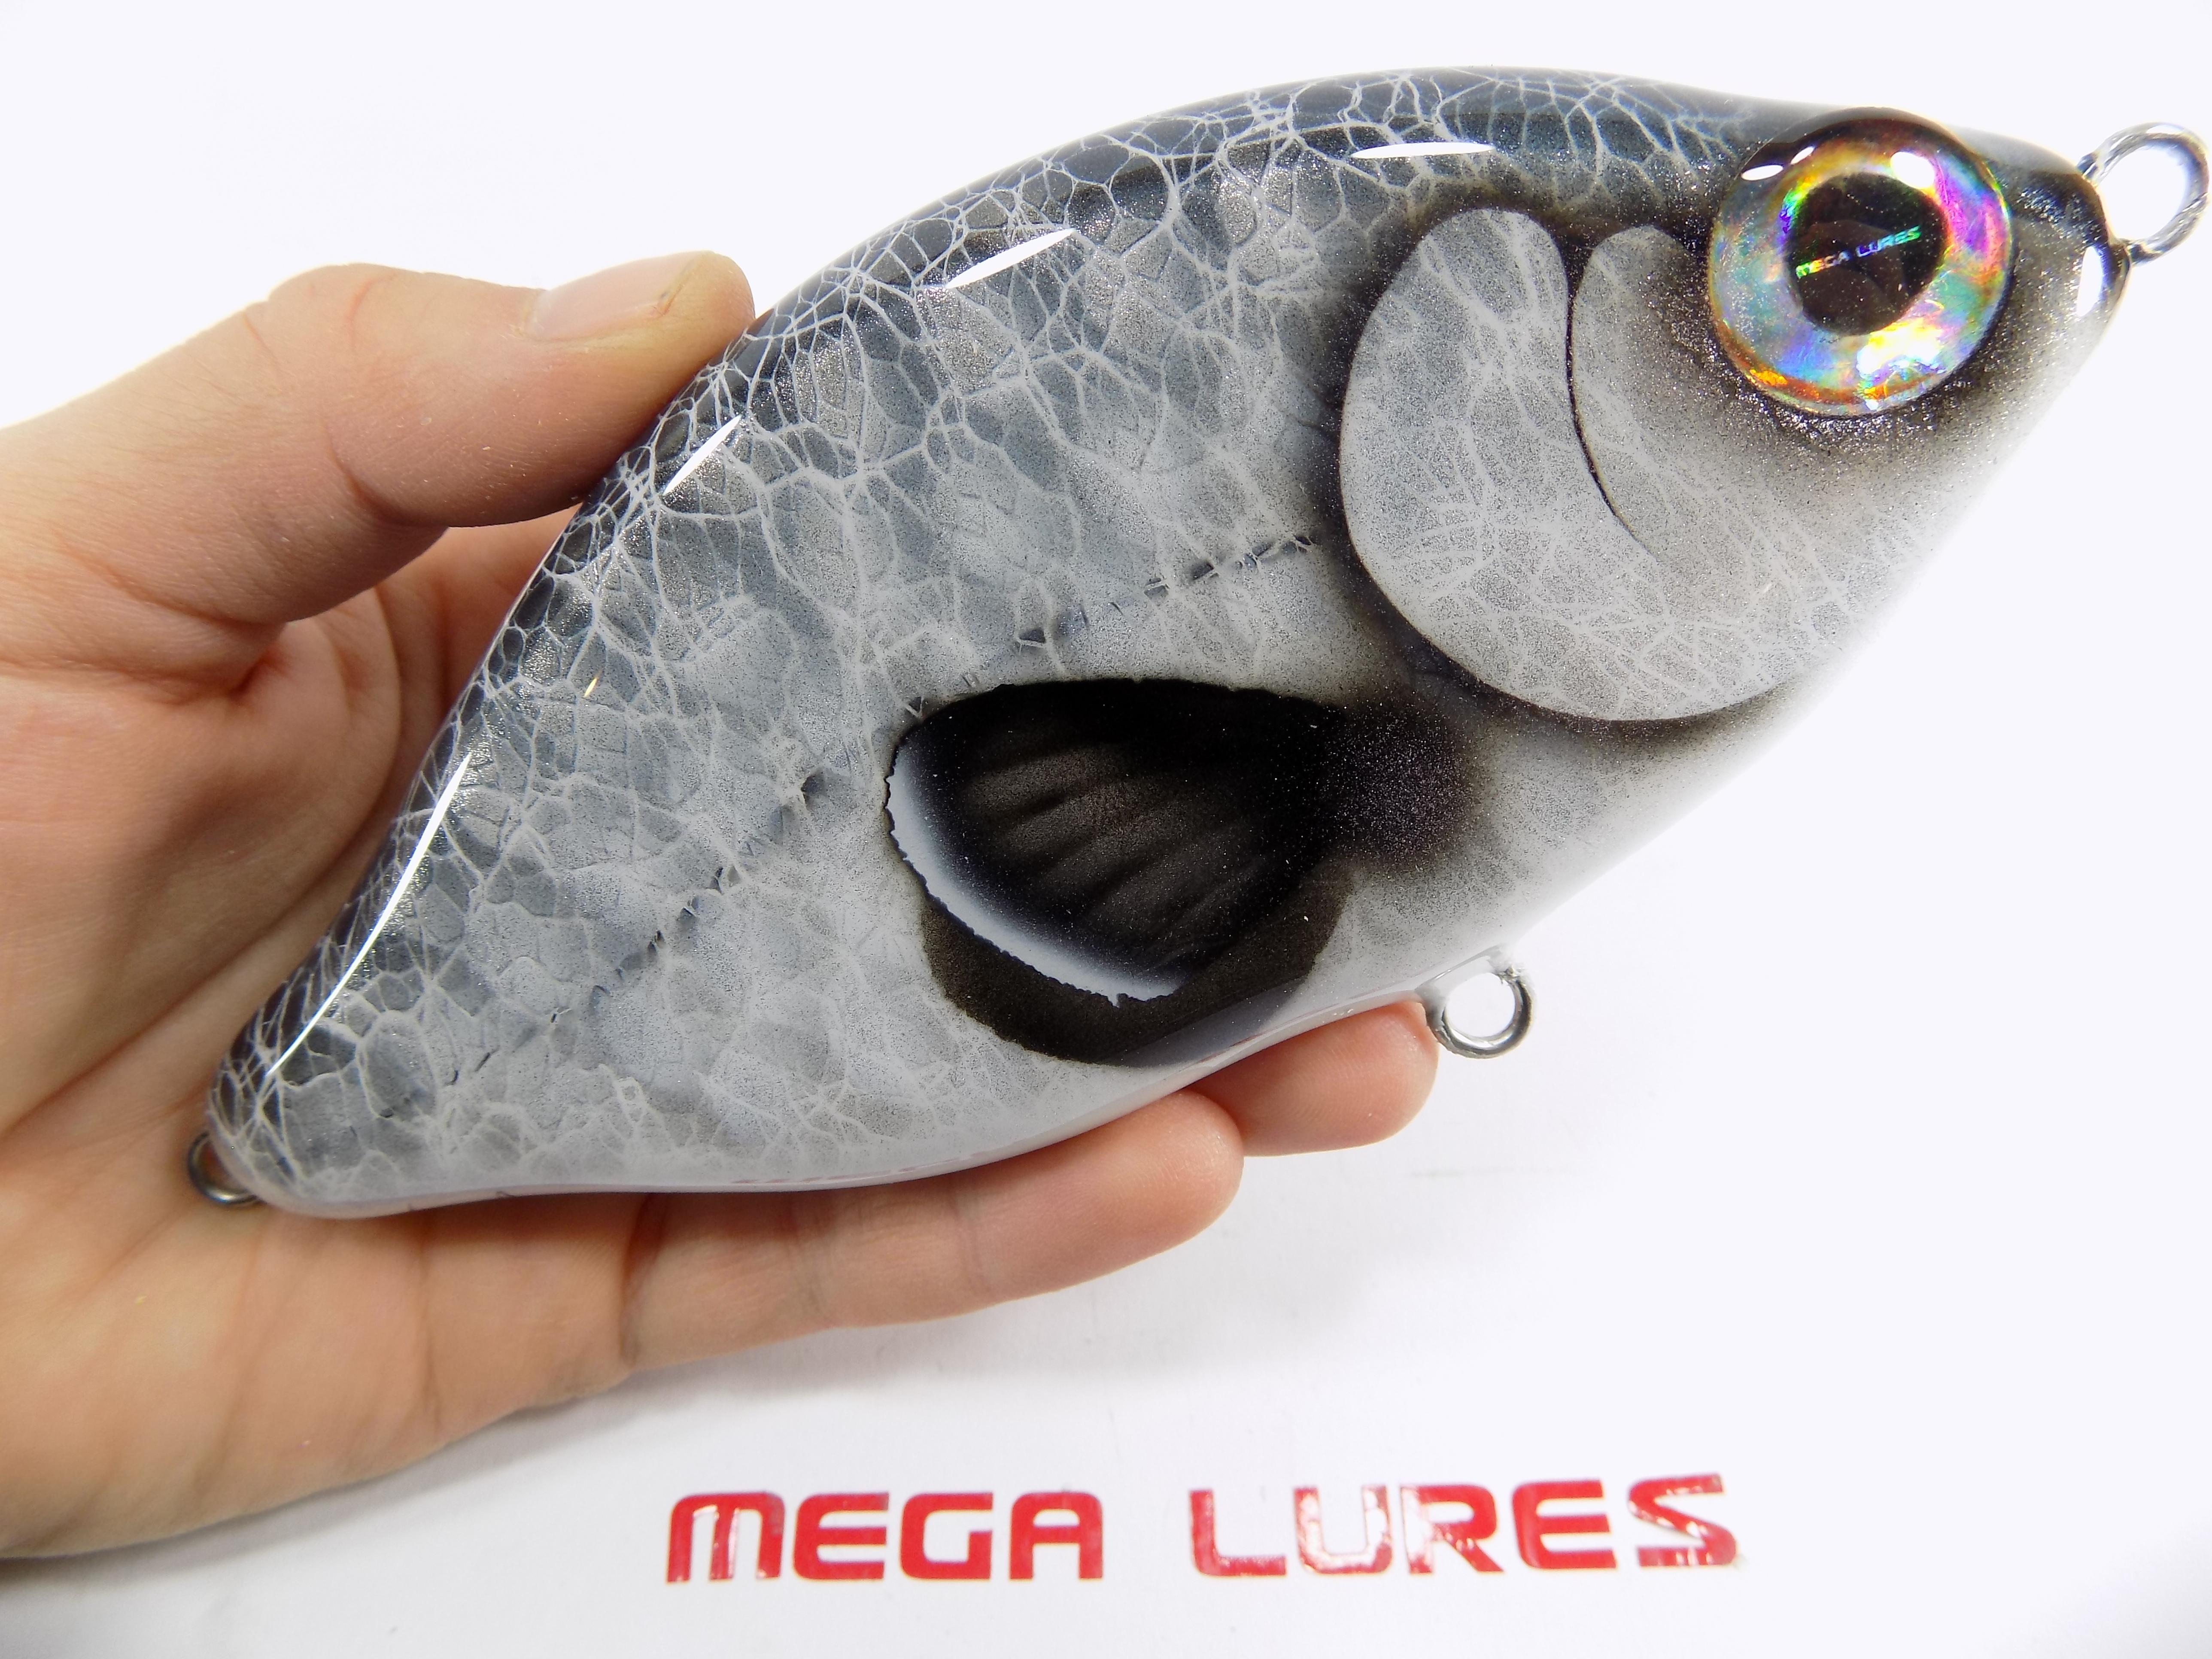 FREE Sticker Jerkbait  MegaLures Handmade Freshwater Fishing Musky